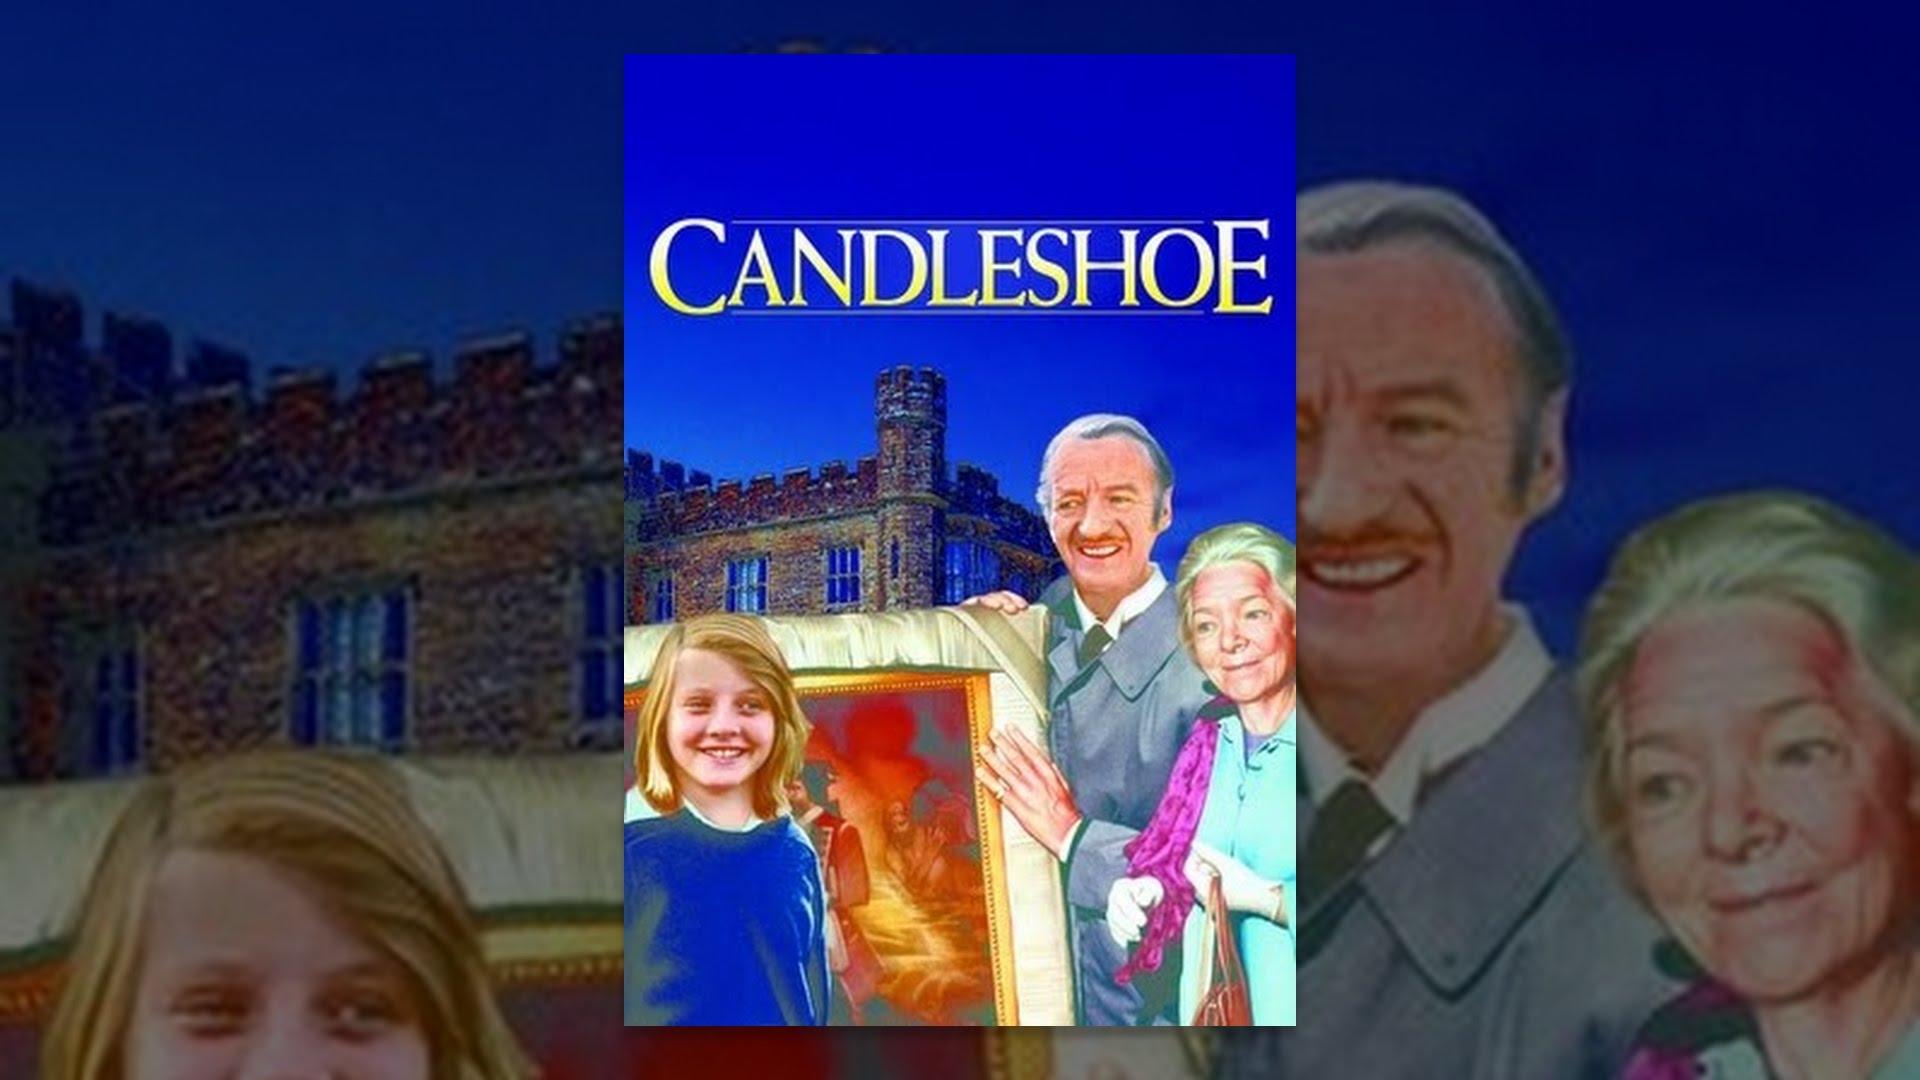 Candleshoe Youtube